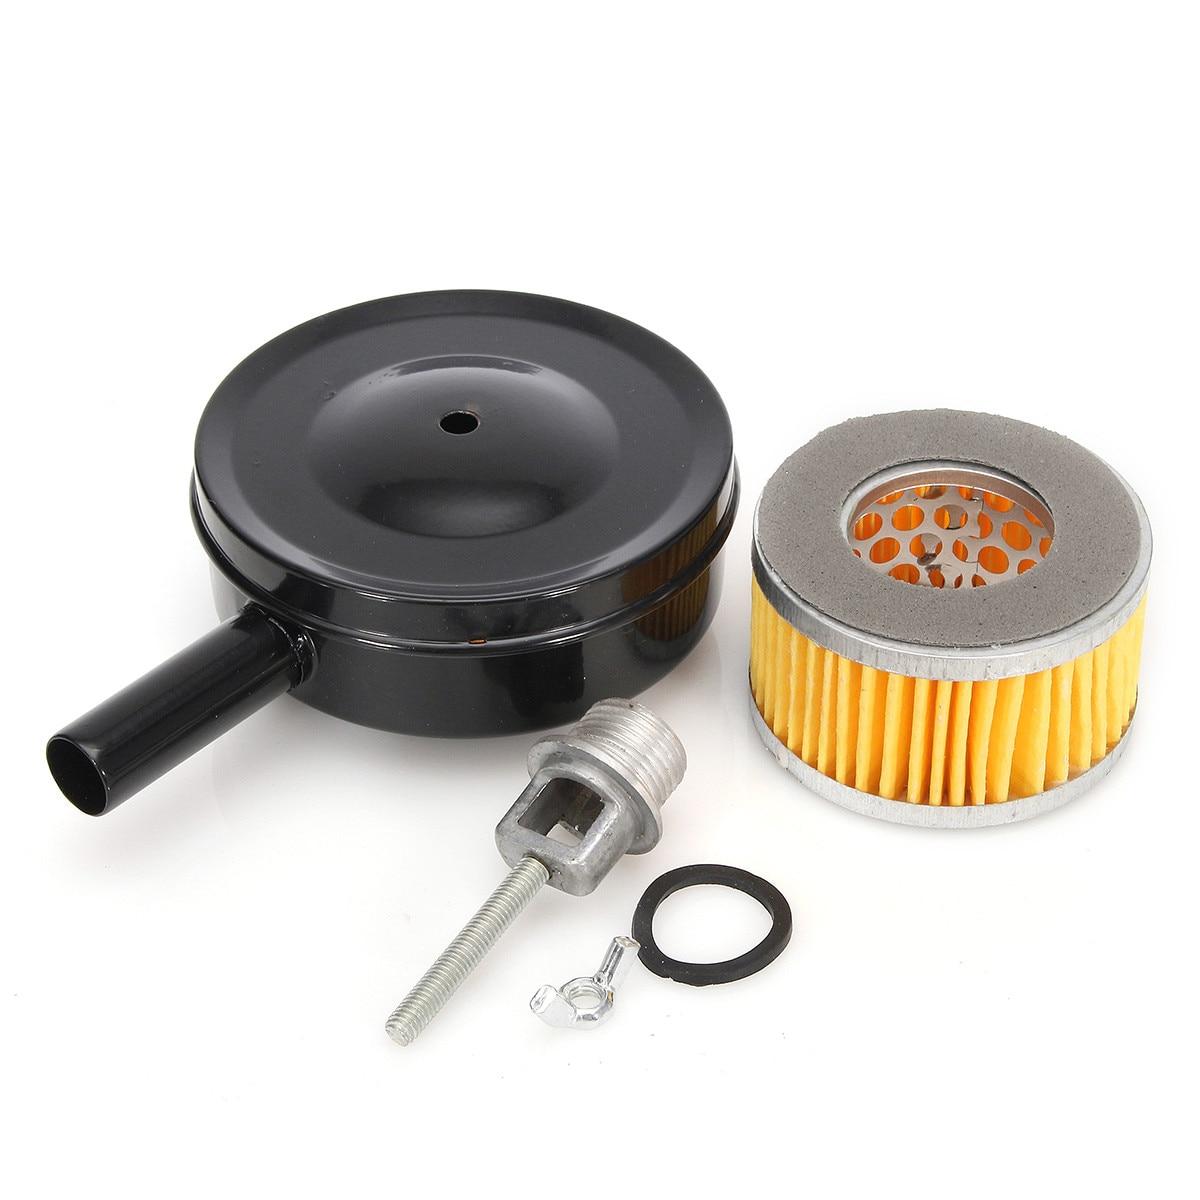 Preto 4 Polegada 10 cm Dia Compressor de Ar Filtro de Entrada de MPT1/2 w/Cartucho de Papel De Metal Silenciador